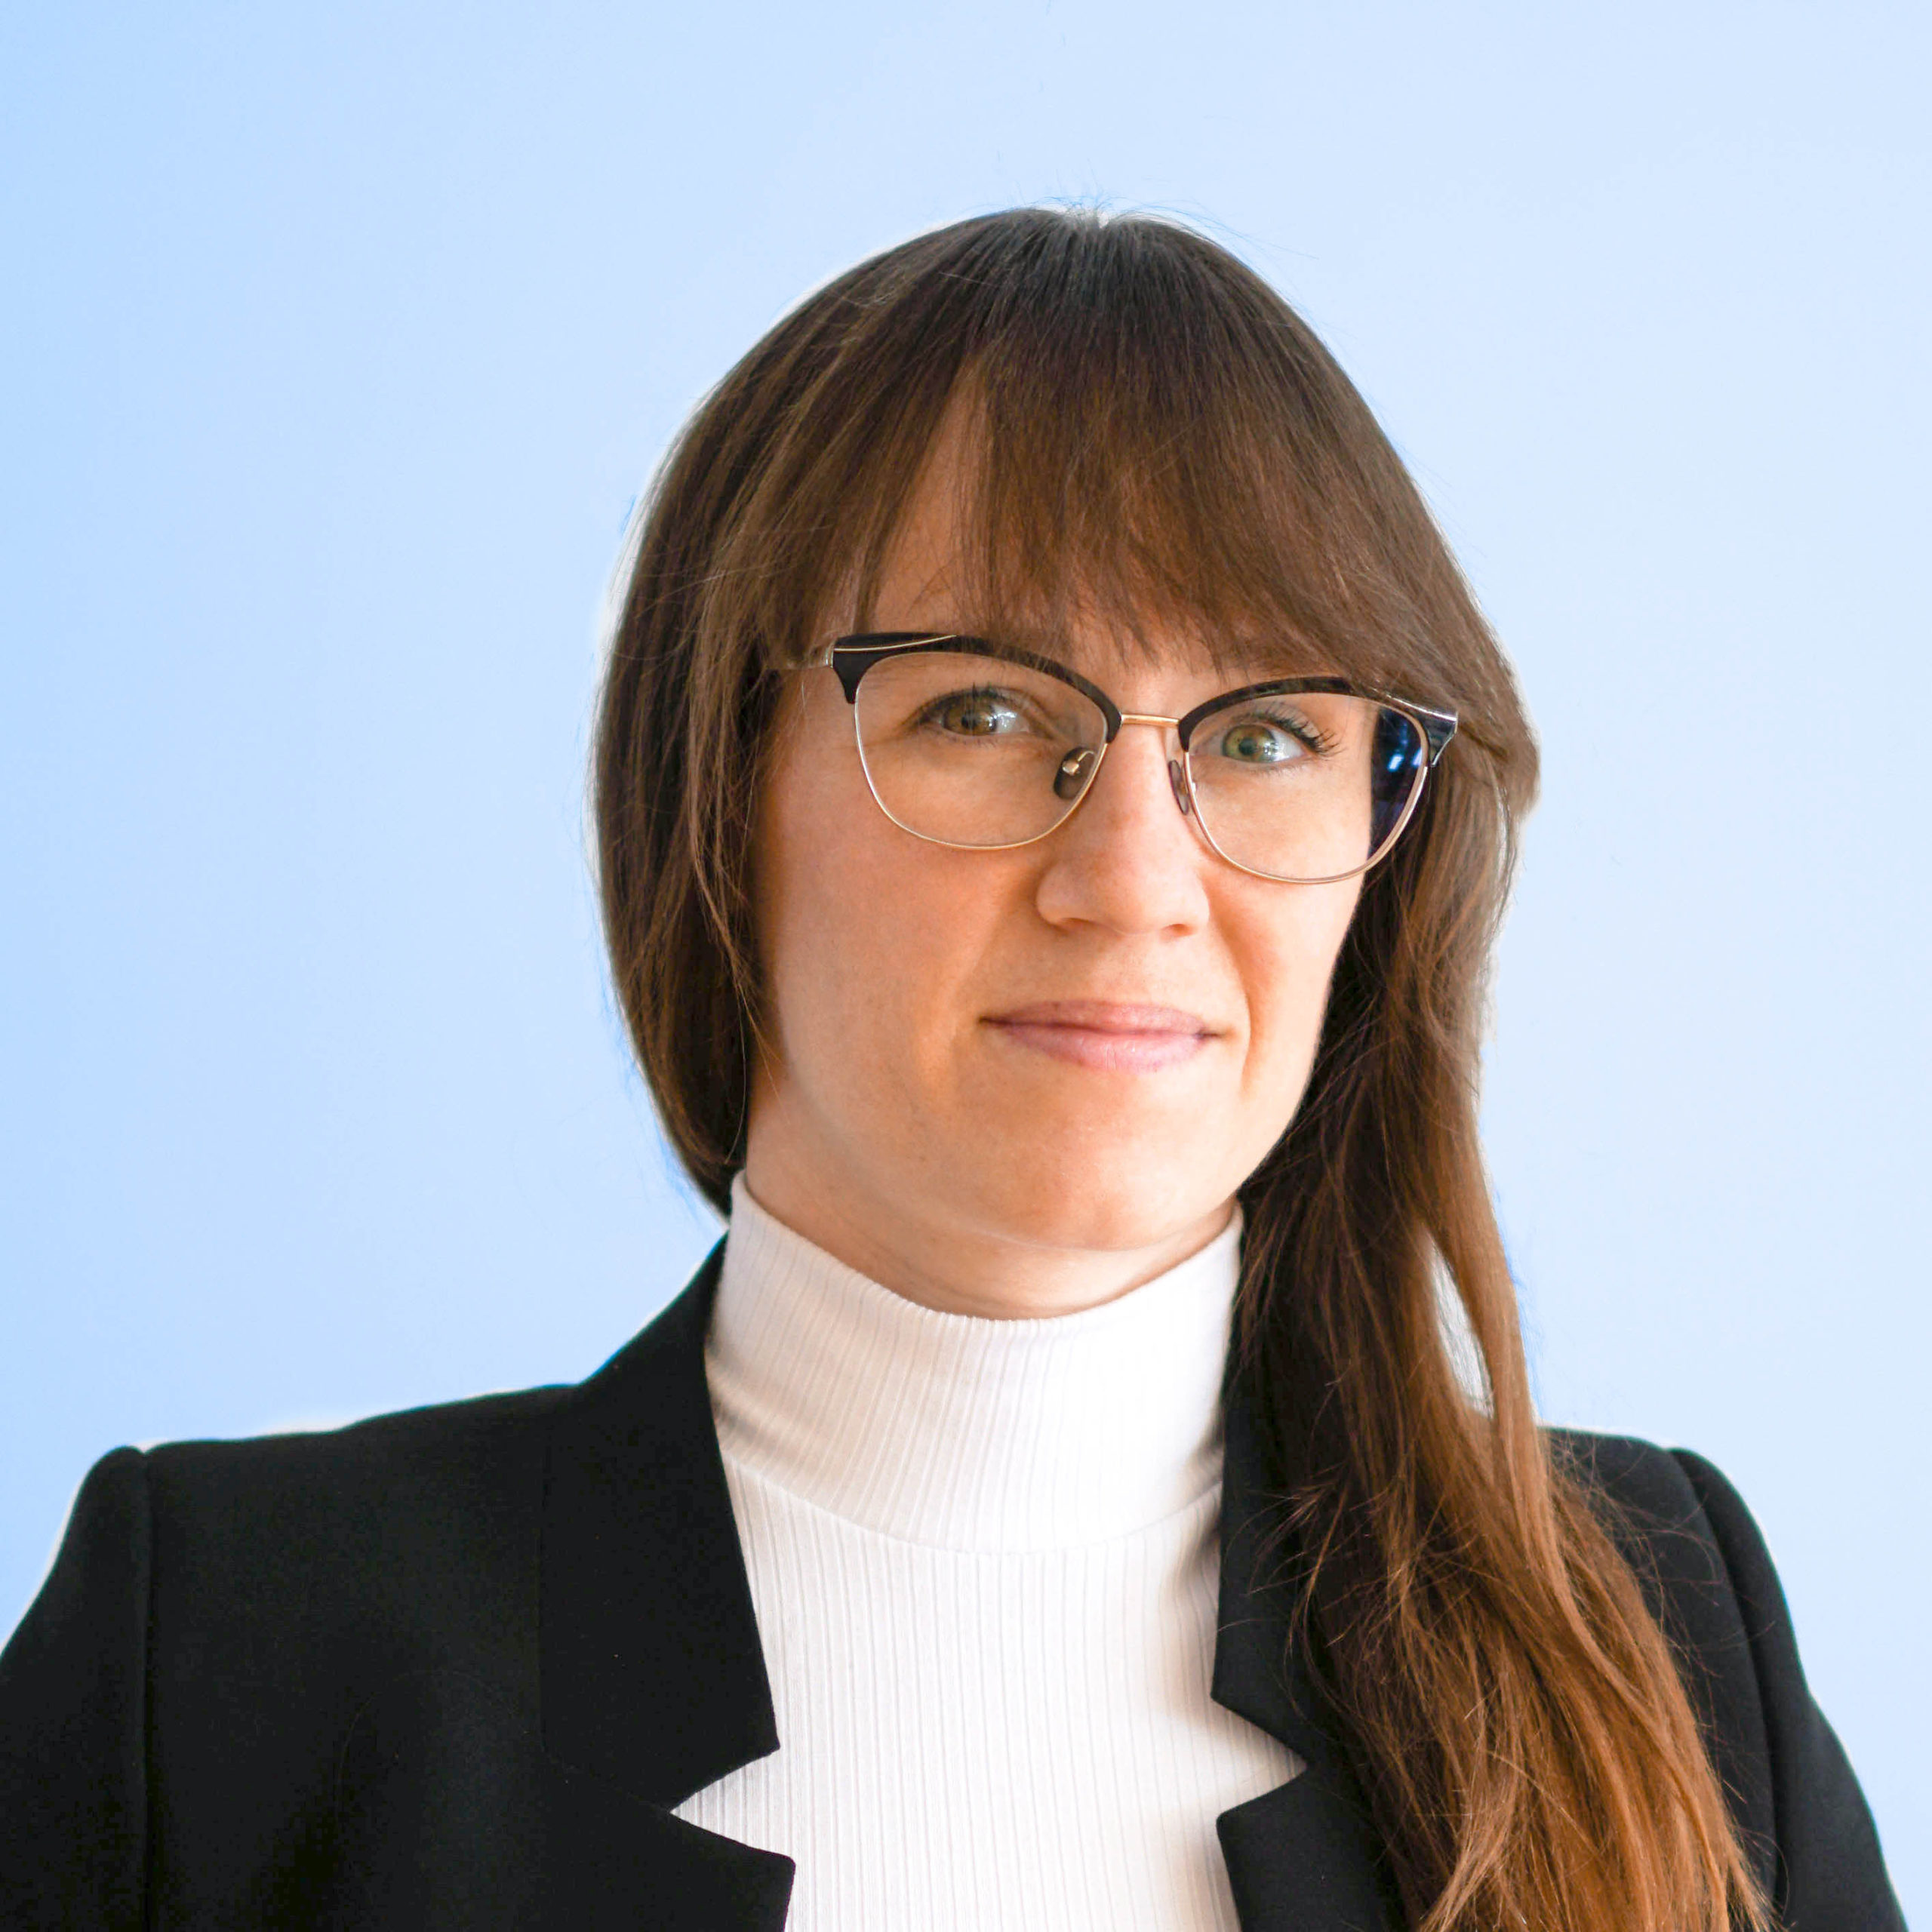 Шалабодина Виктория Андреевна